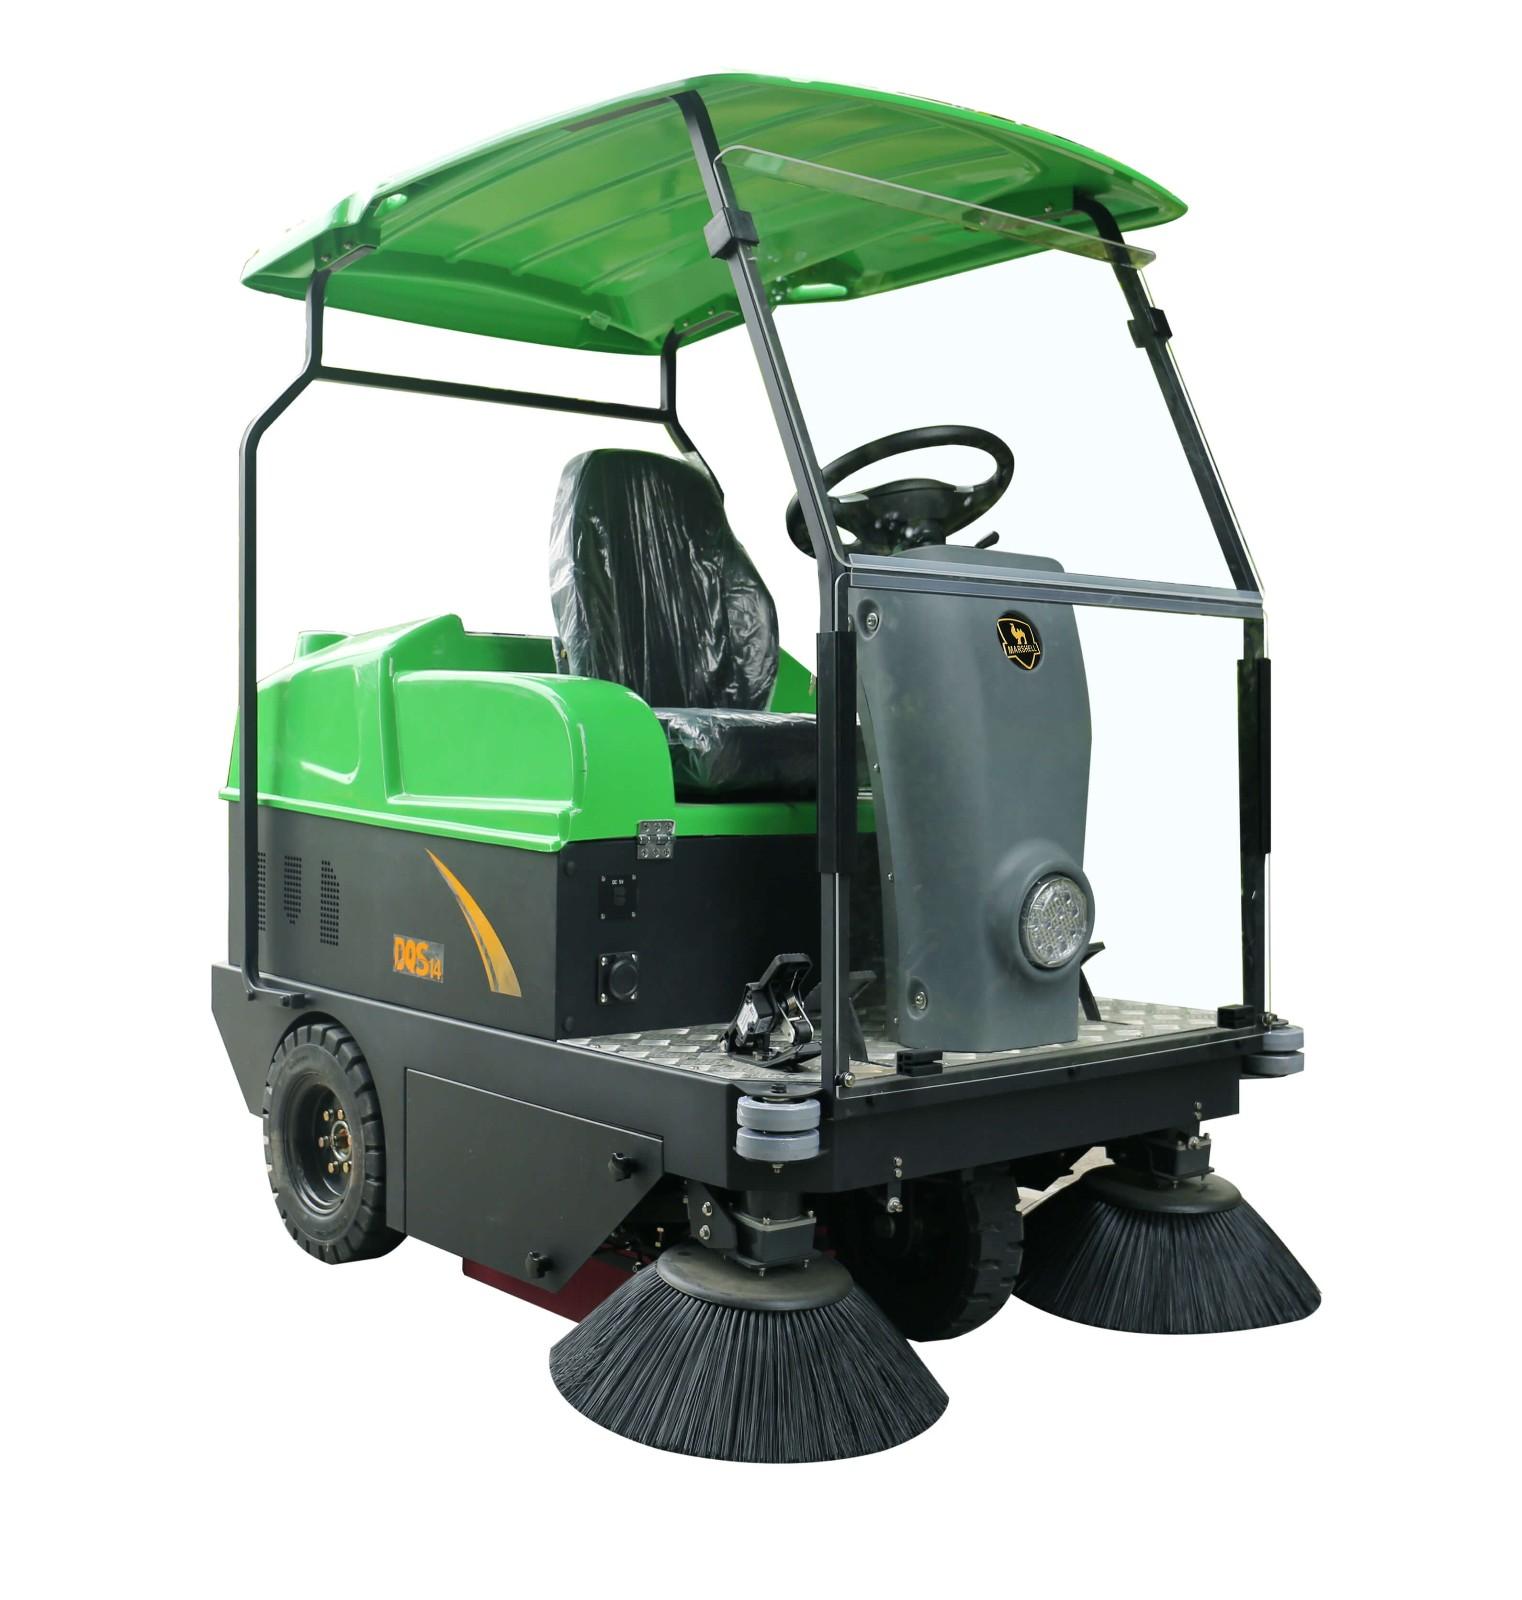 DQS14驾驶式洗地机